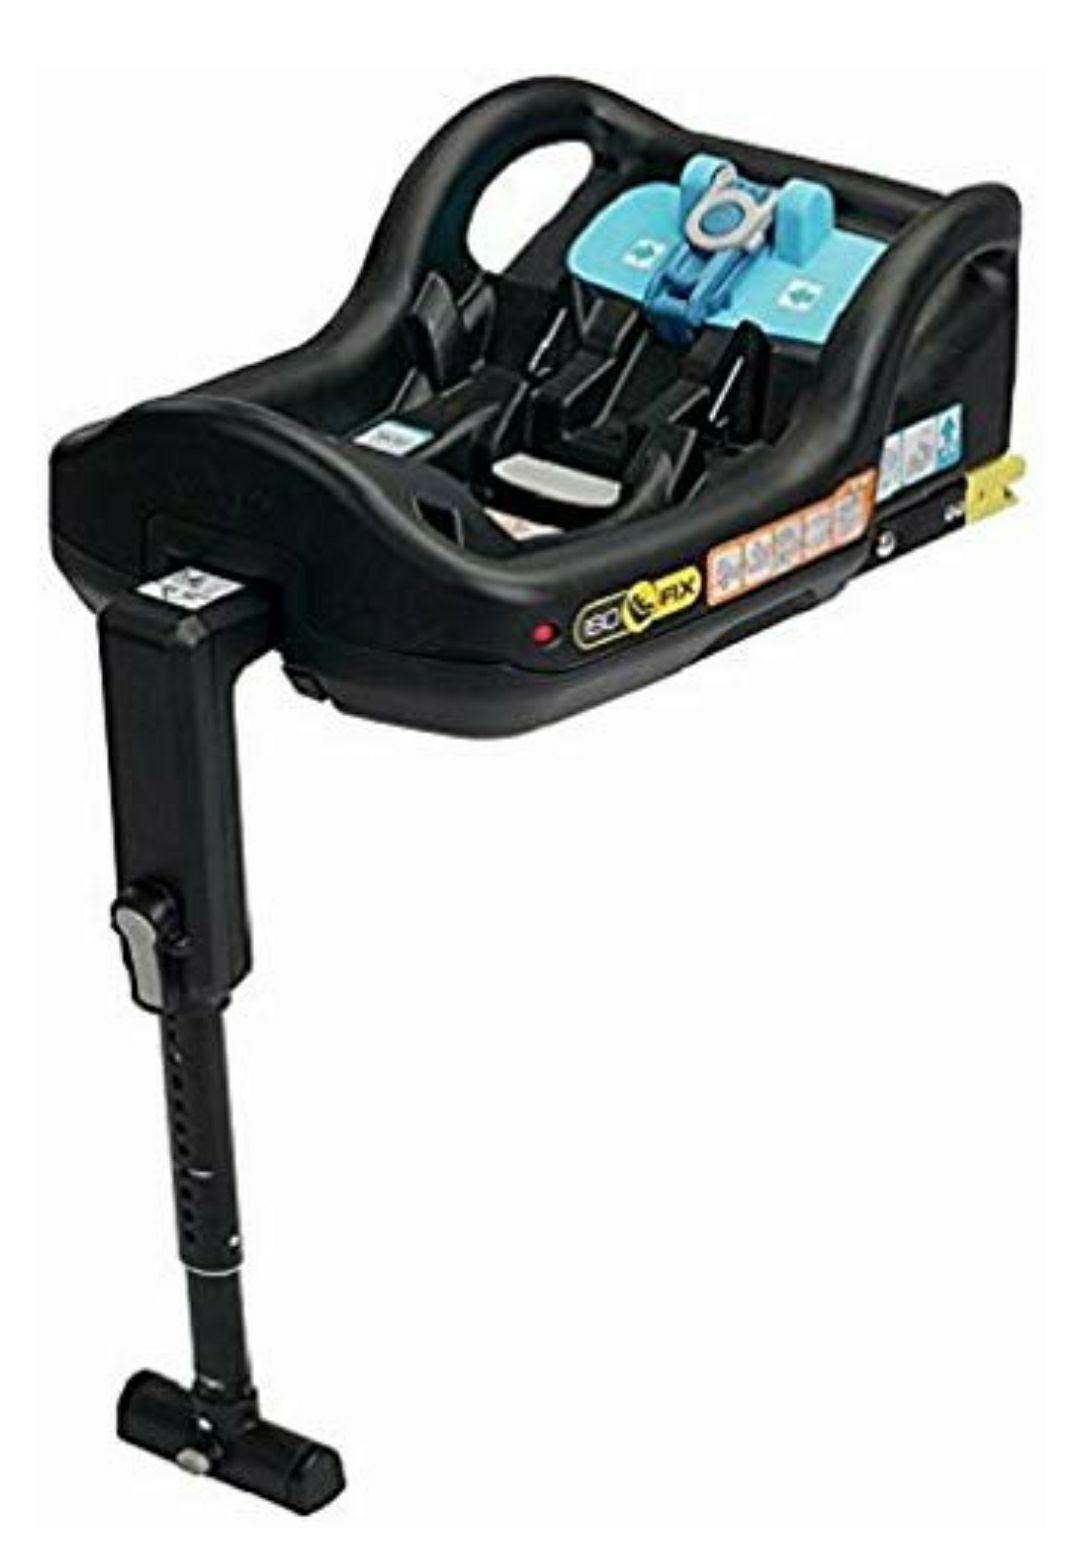 Graco SnugSafe Negro base de asiento de coche